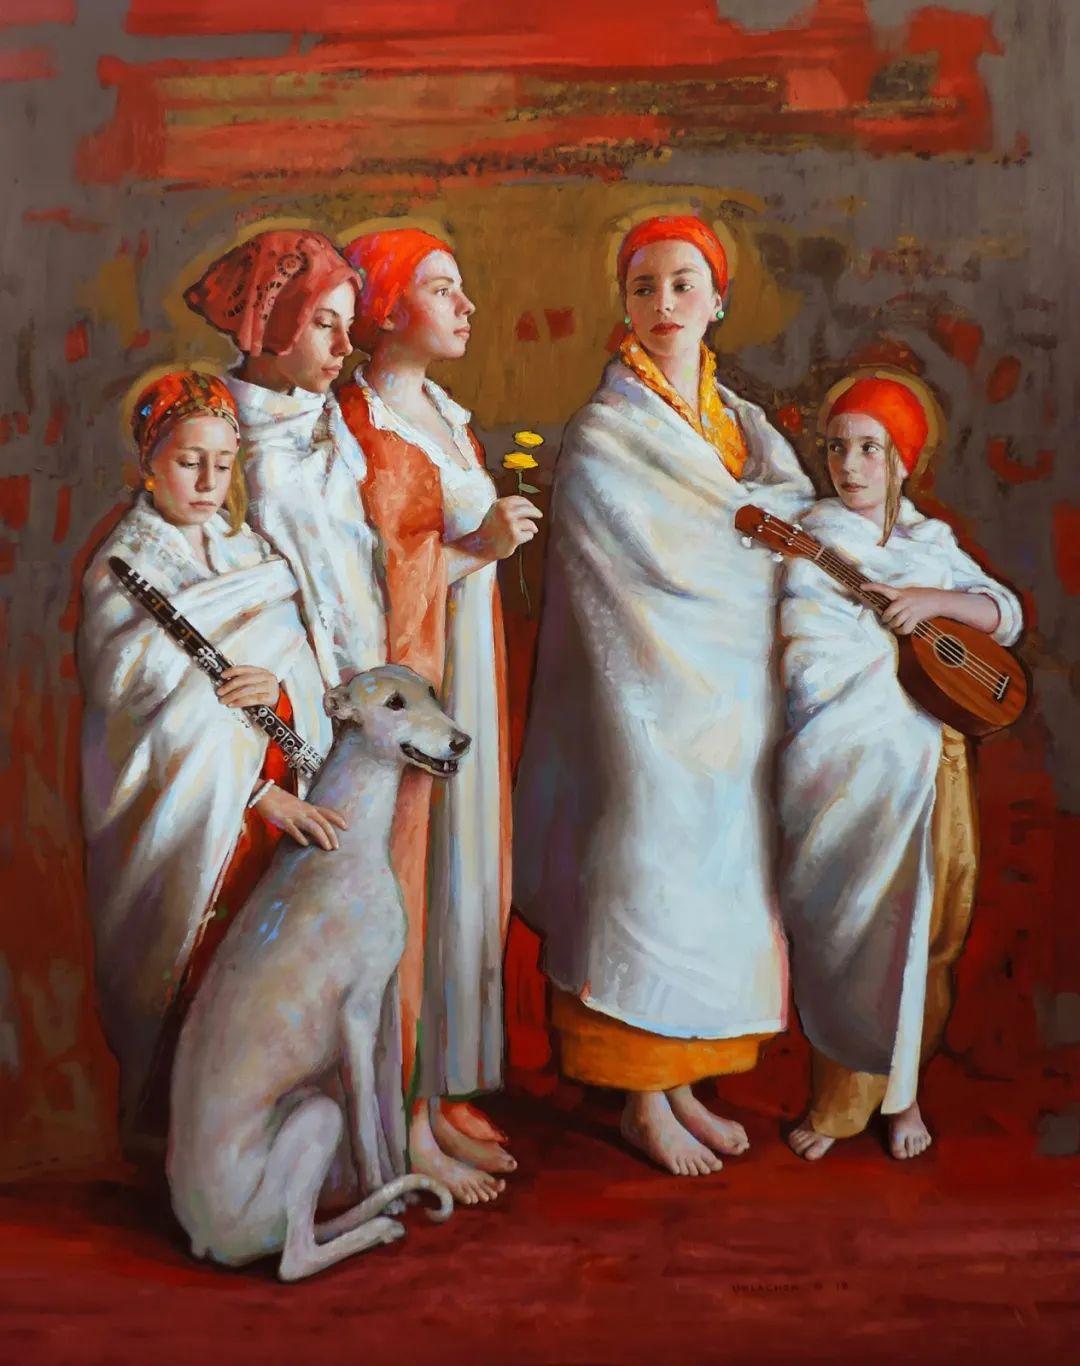 追随经典美学,阿根廷画家雨果·乌拉赫插图1